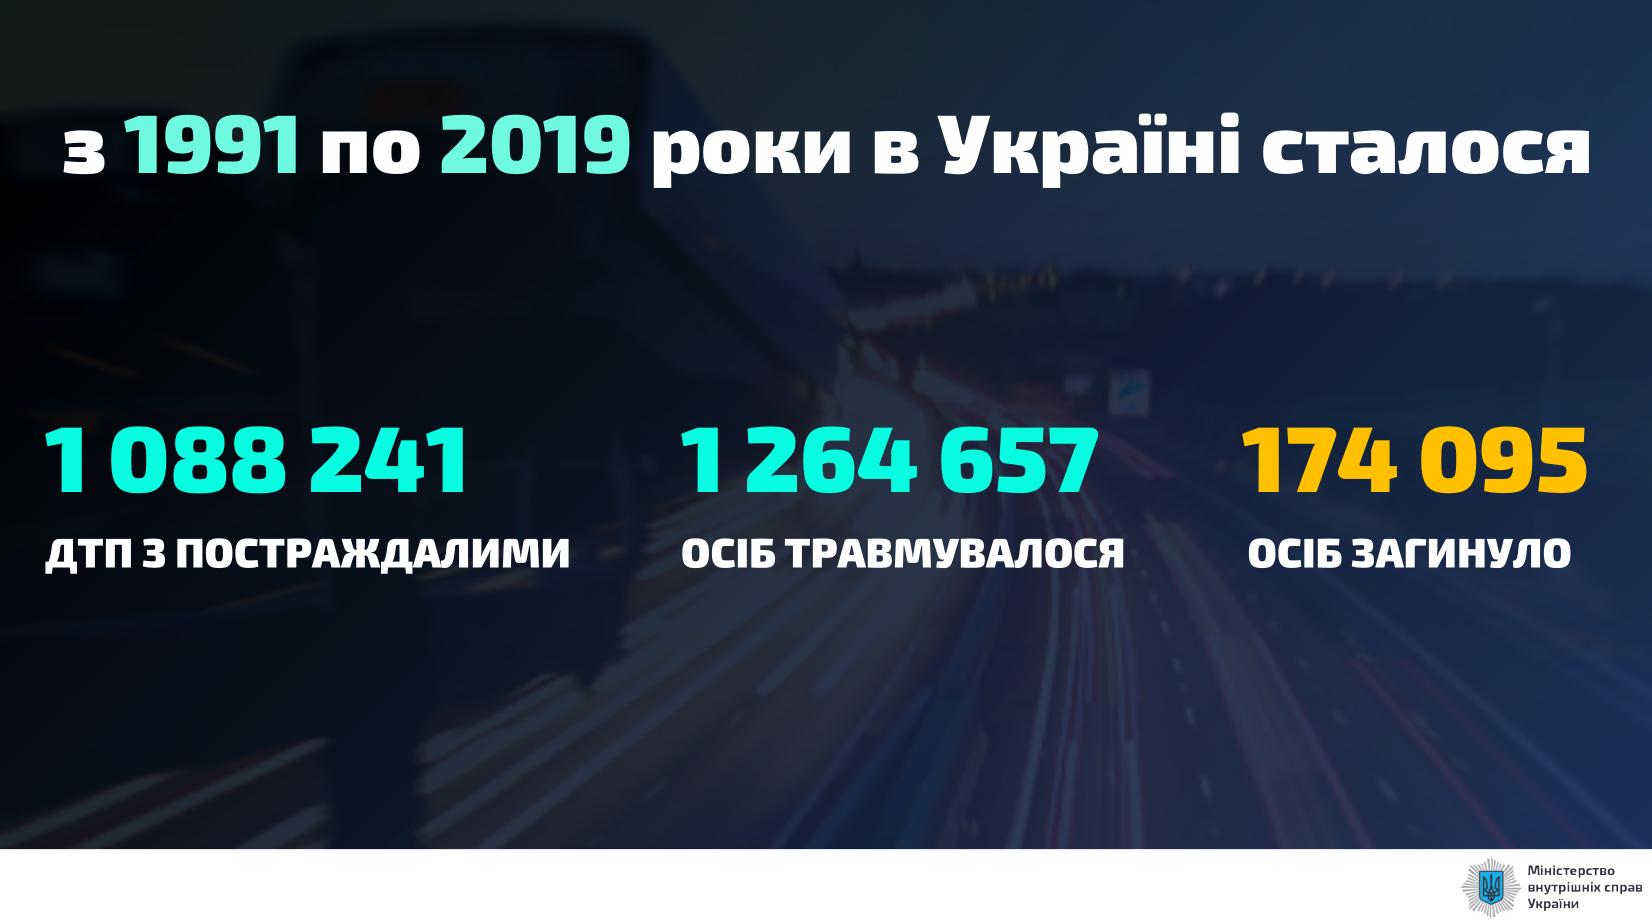 Количество ДТП в Украине с 1991 по 2019 годы.